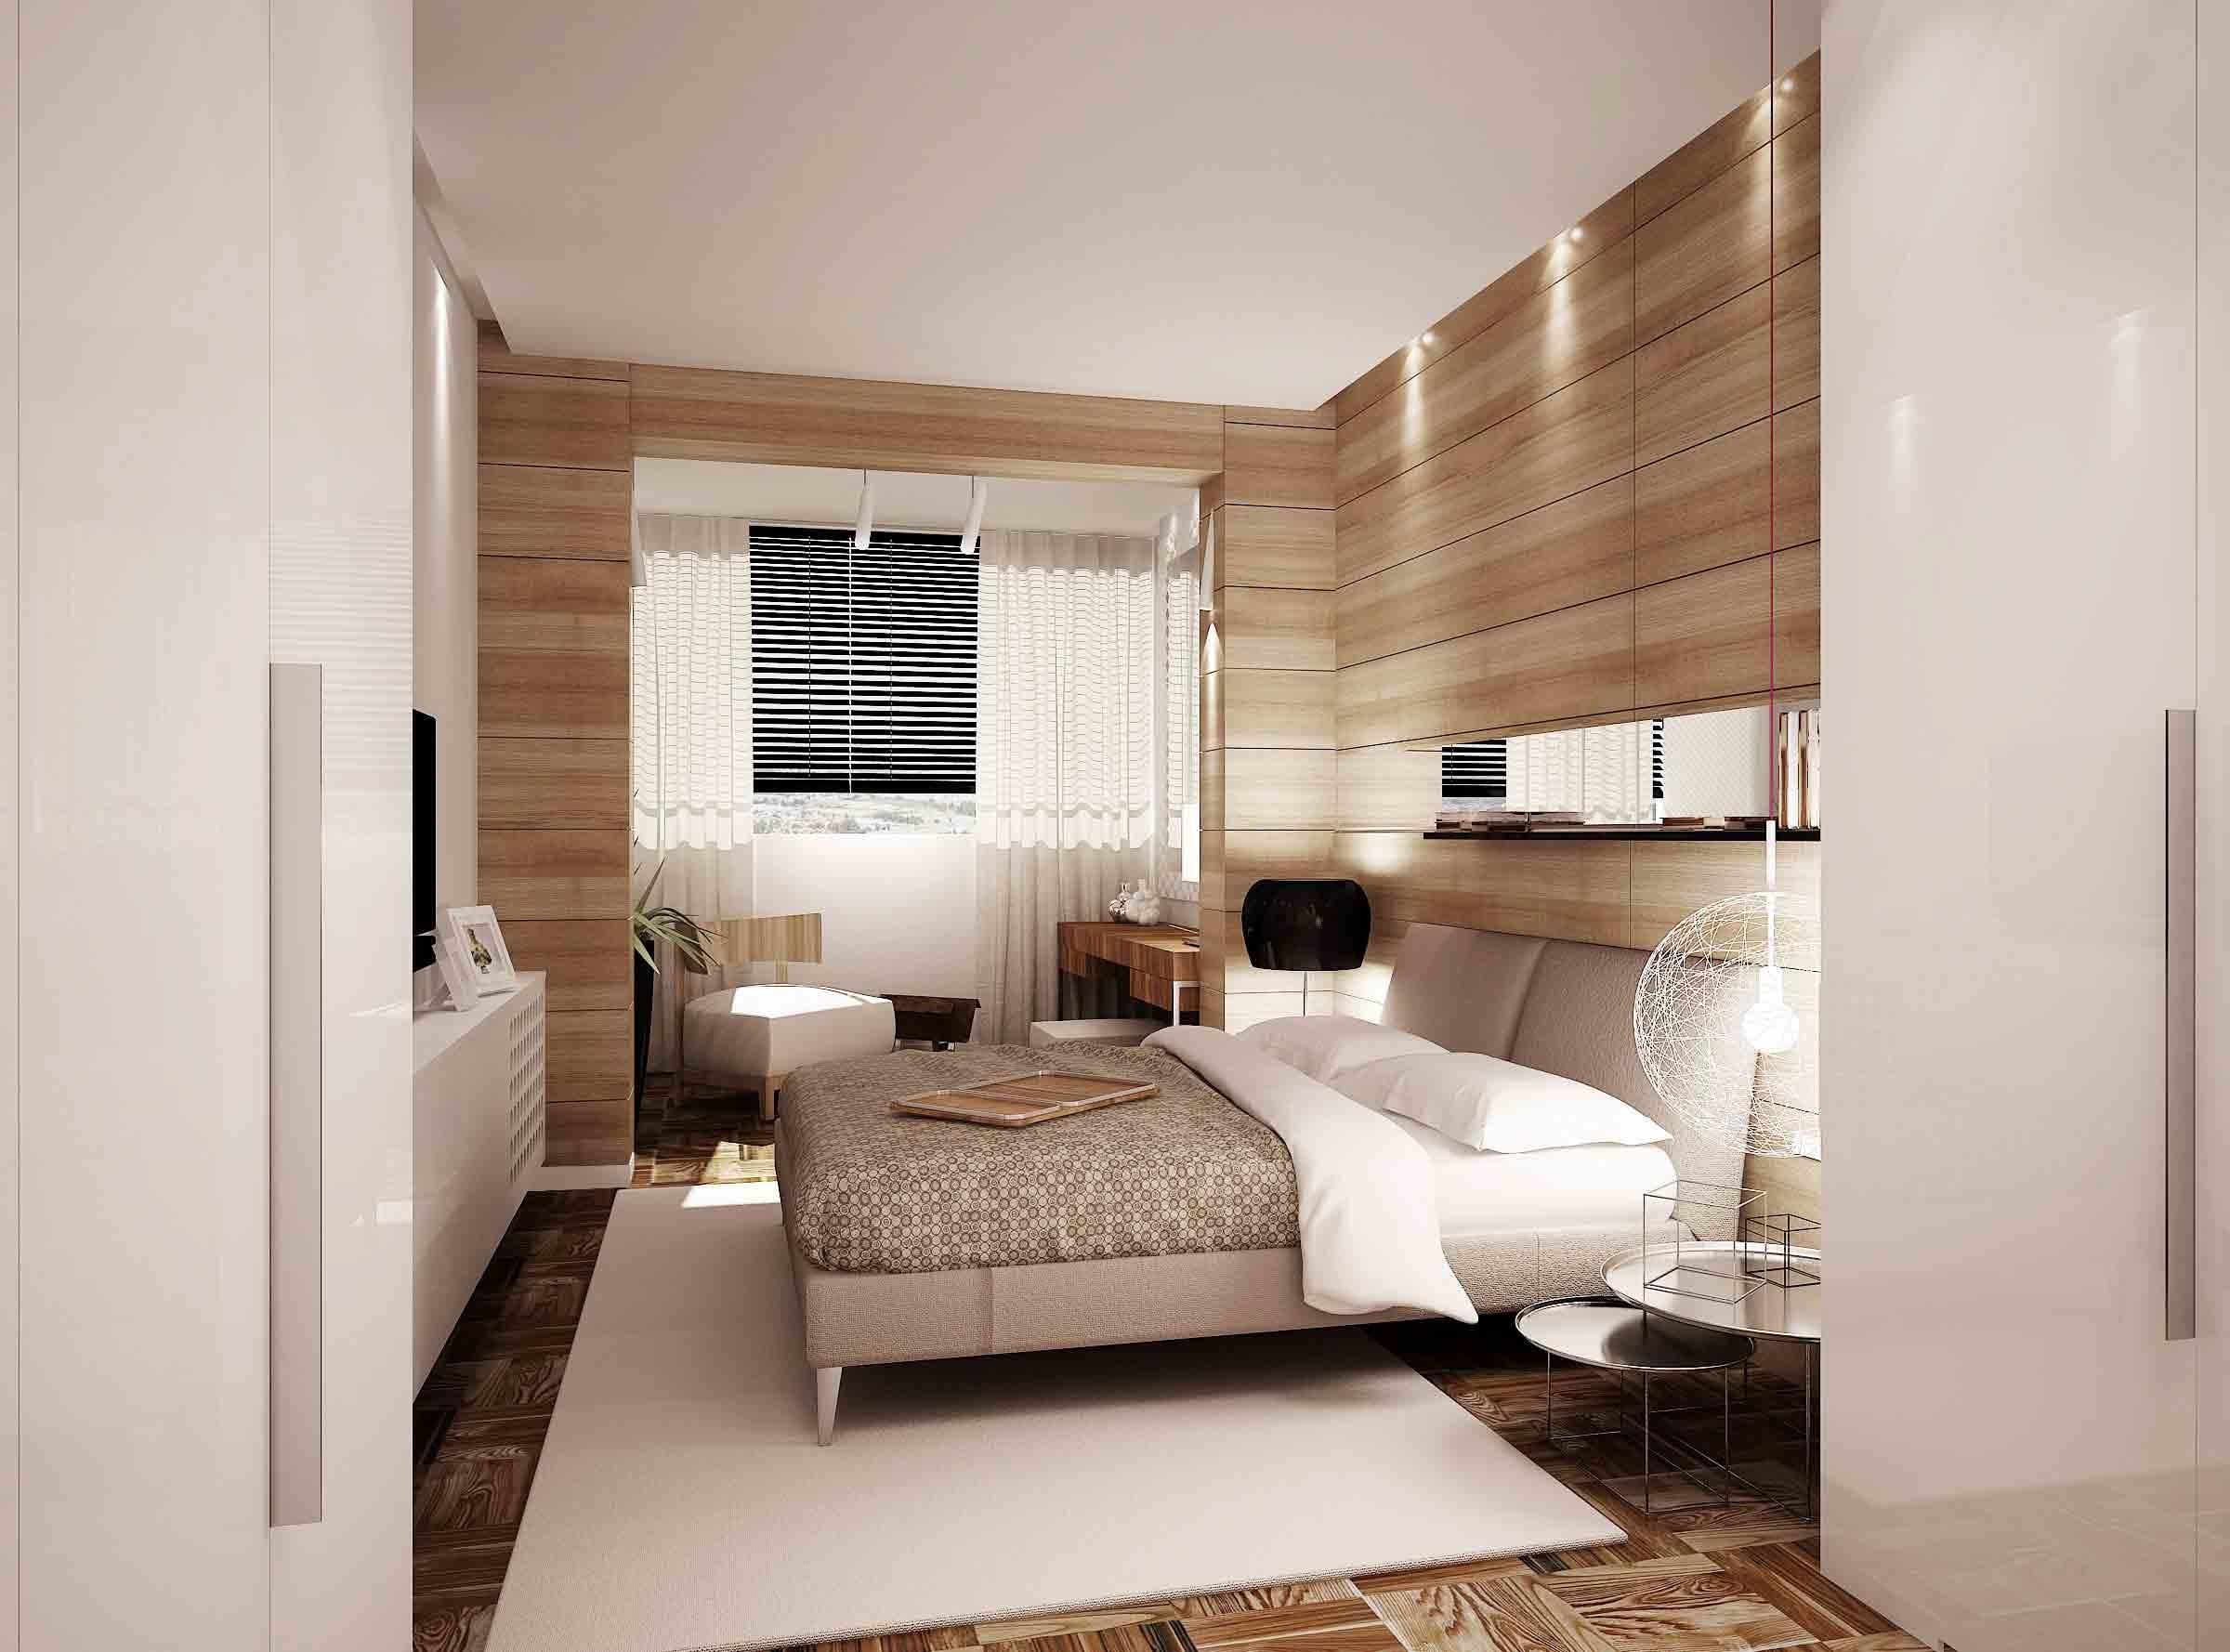 woodpaneledbedroom  Interior Design Ideas